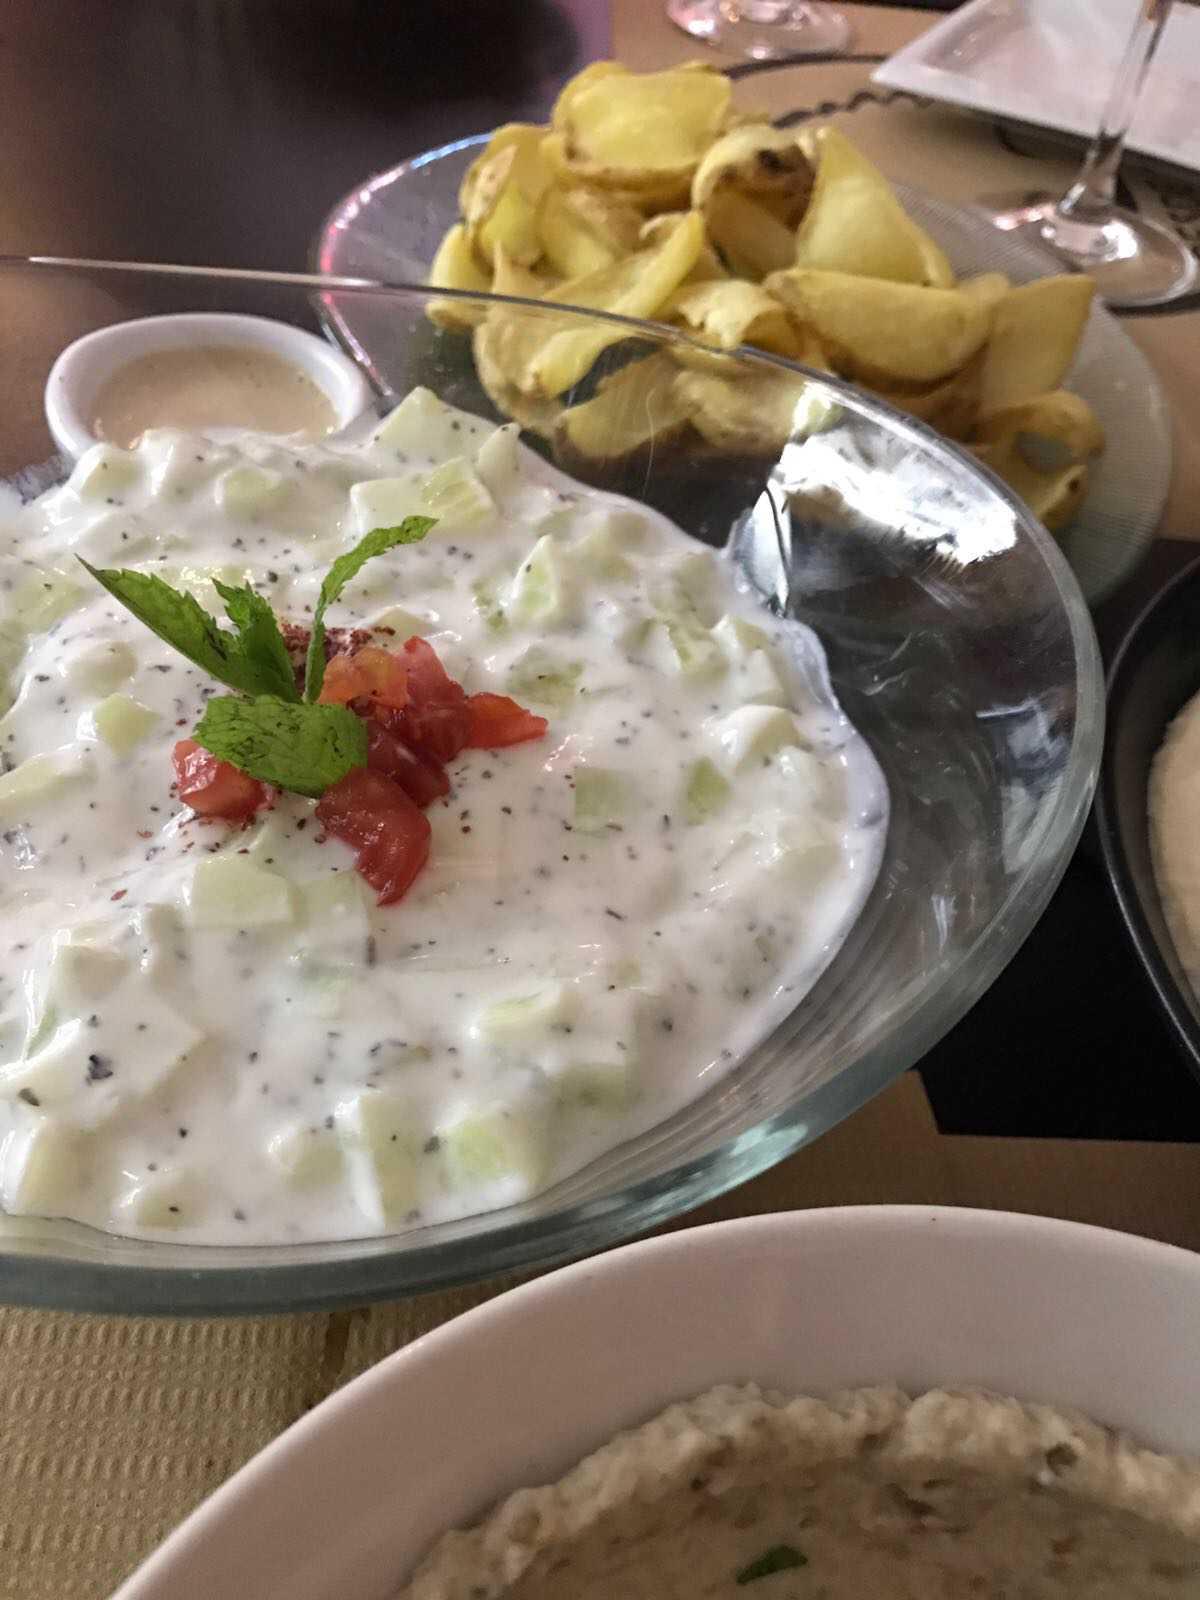 comida libanesa